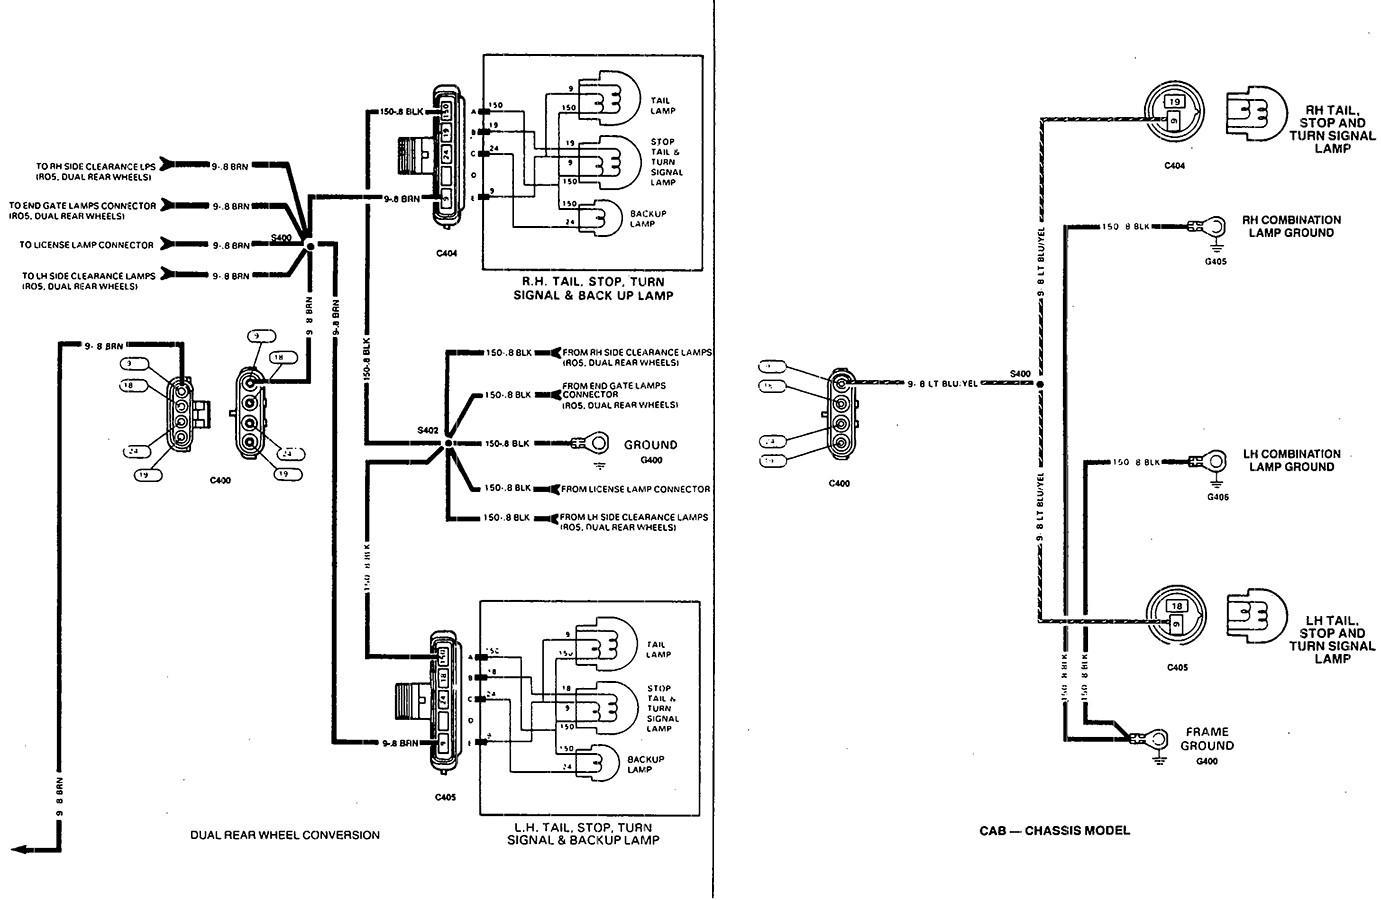 Download Schema 1991 Jeepanche Tail Light Wiring Diagram Hd Quality Grafikhelden Chefscuisiniersain Fr